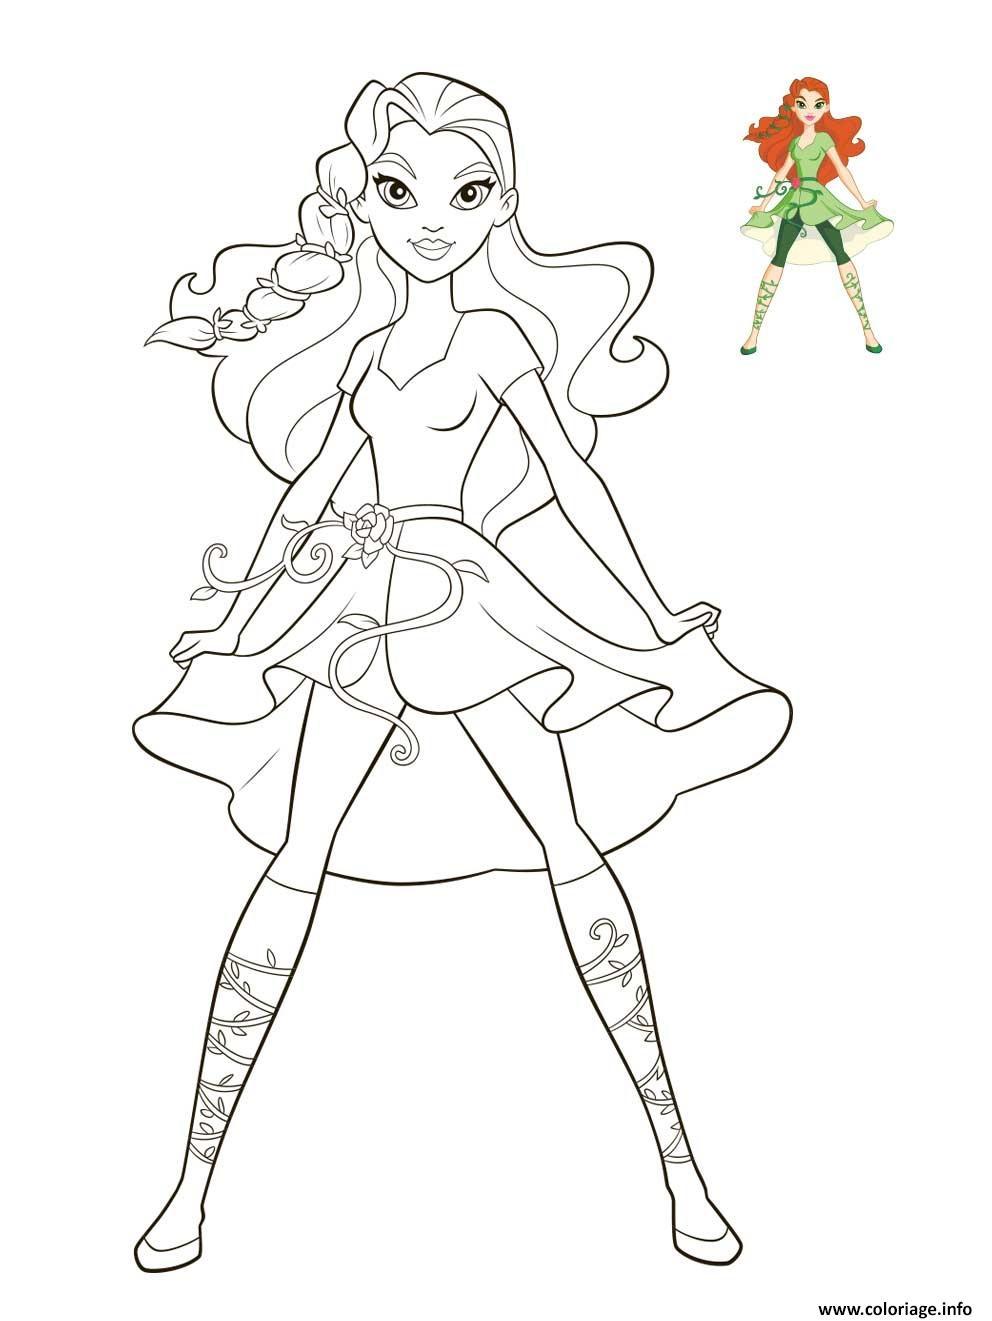 Dessin Poison Ivy DC Super Hero Girls Coloriage Gratuit à Imprimer